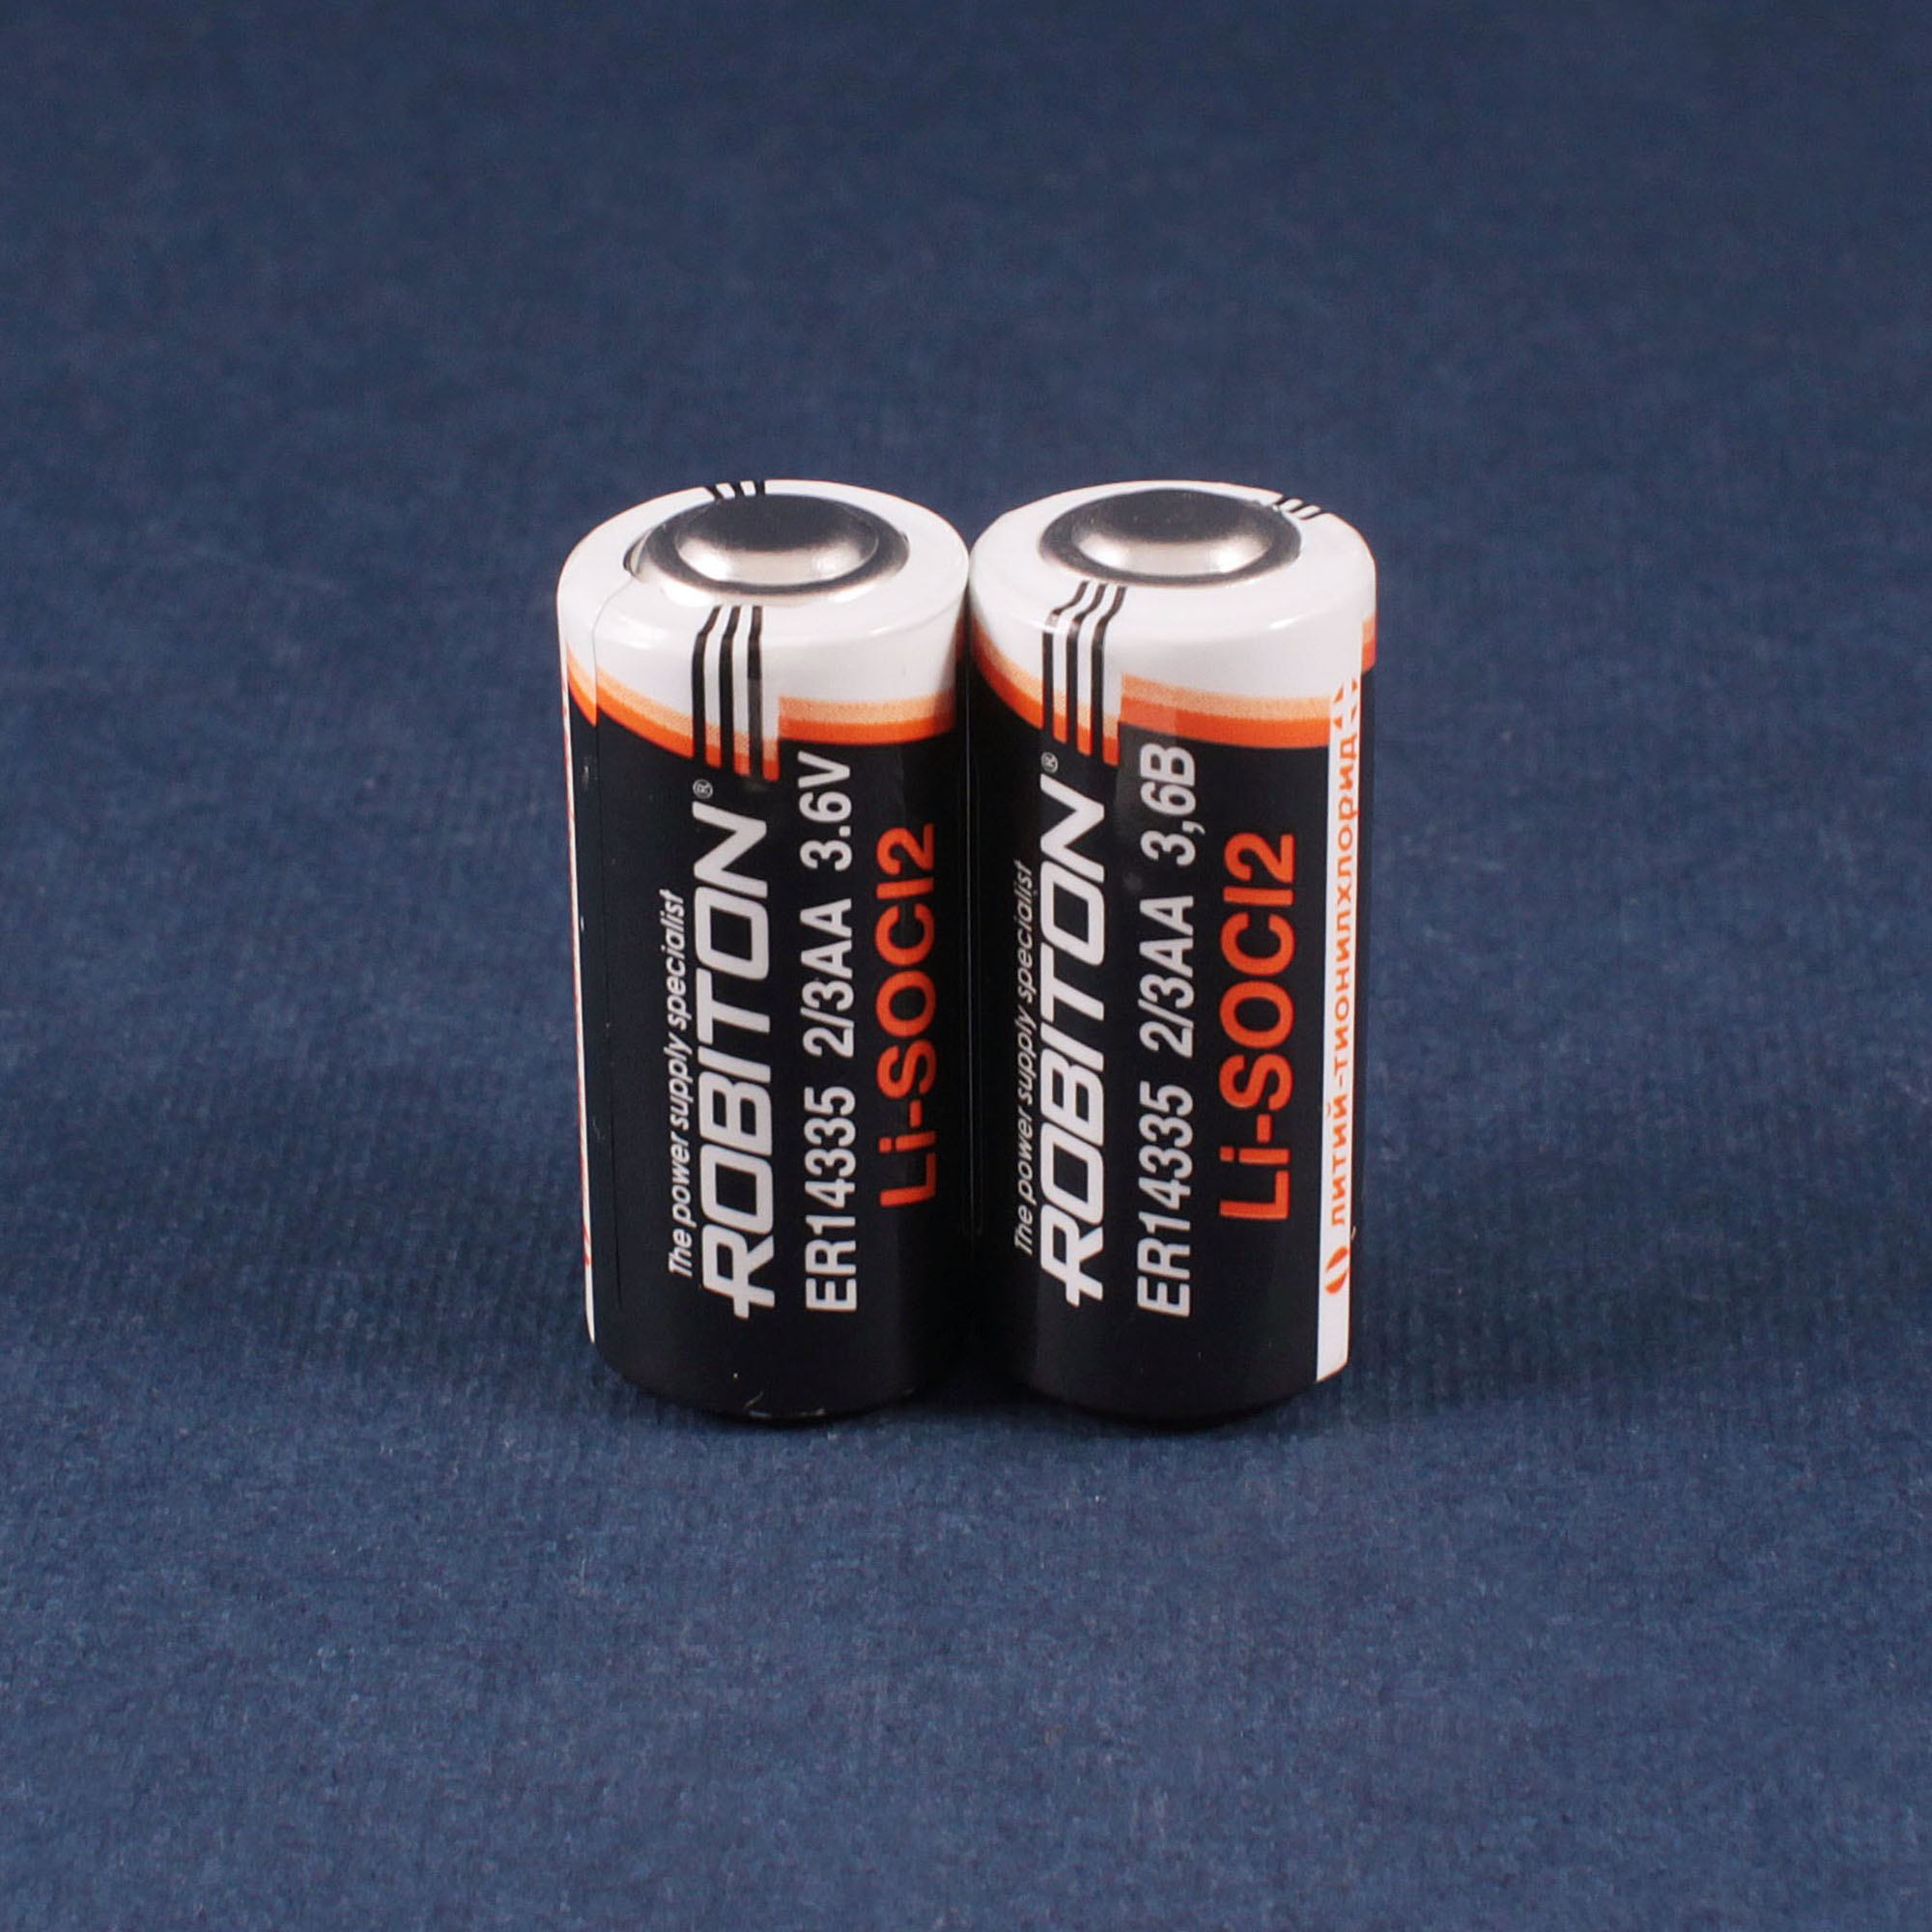 купить батарейки в нижнем новгороде